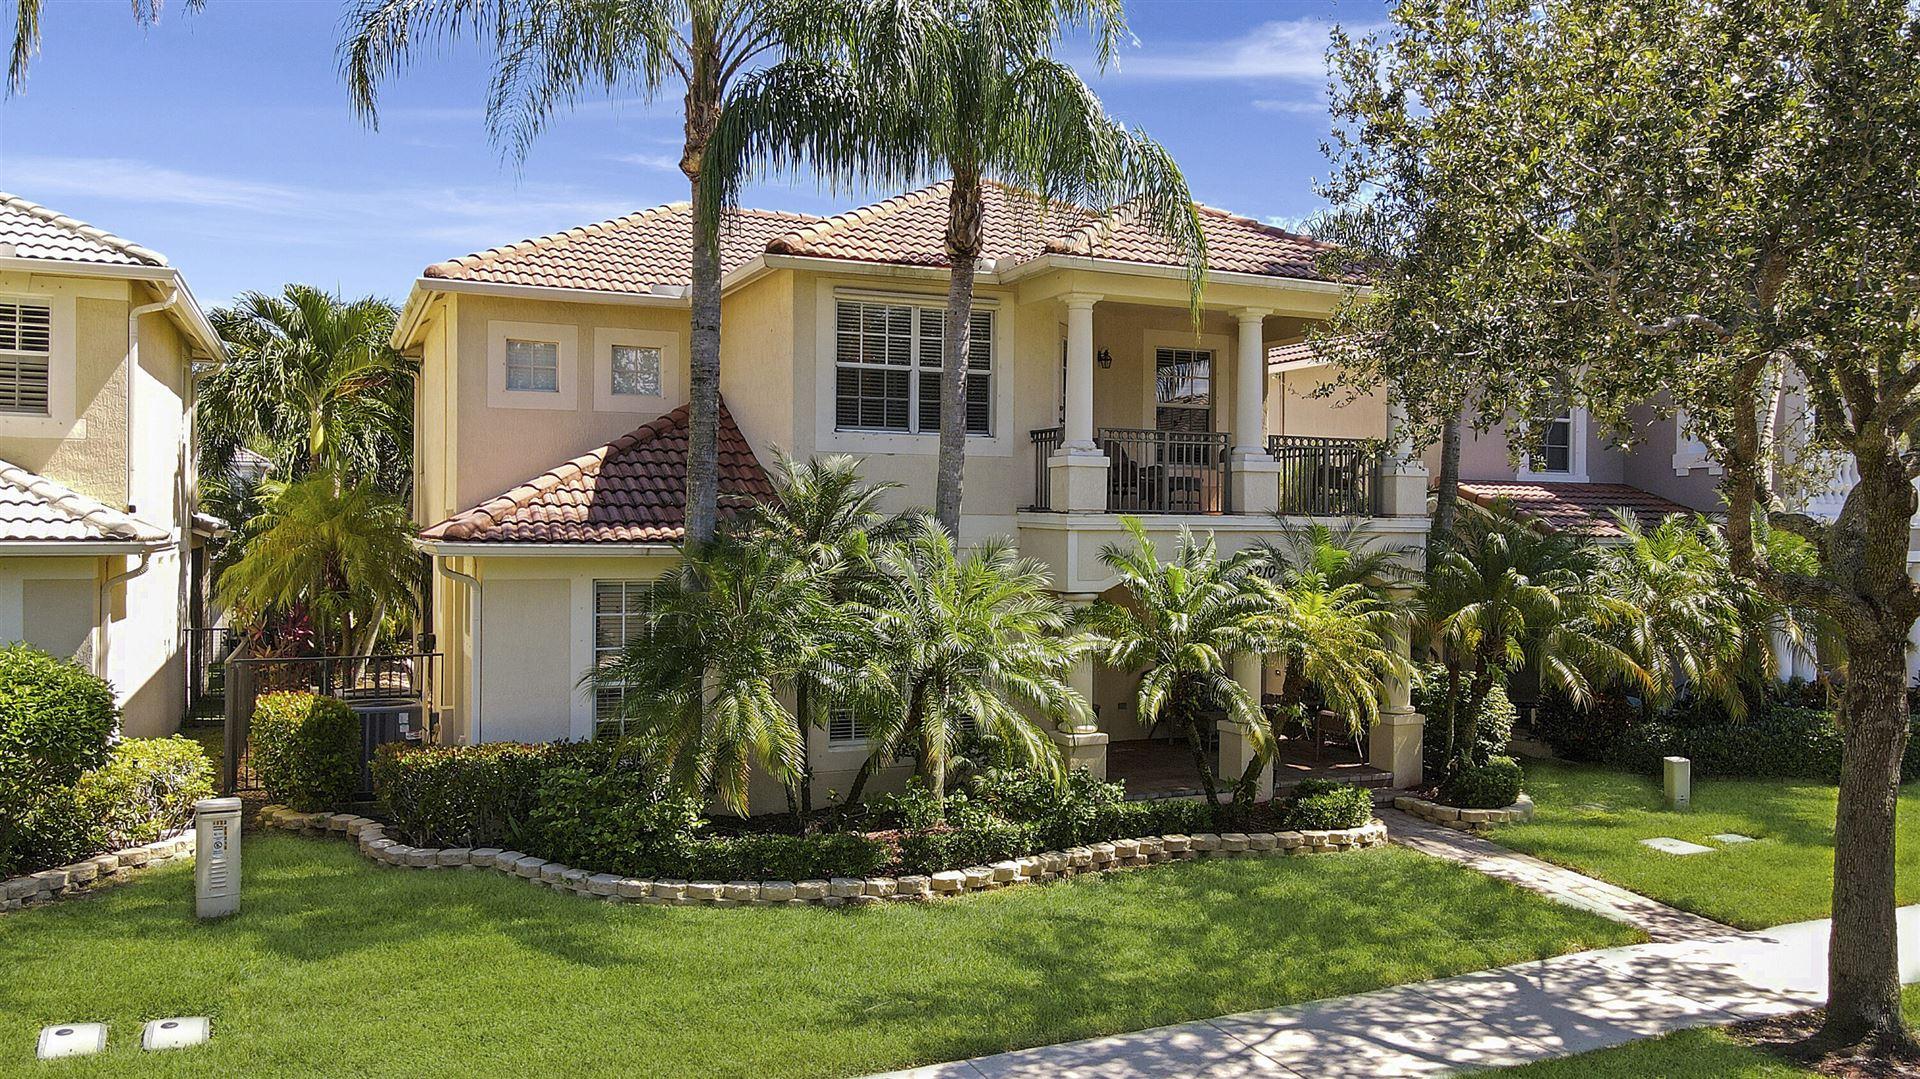 Photo for 8210 Calterra Drive, Palm Beach Gardens, FL 33418 (MLS # RX-10751577)